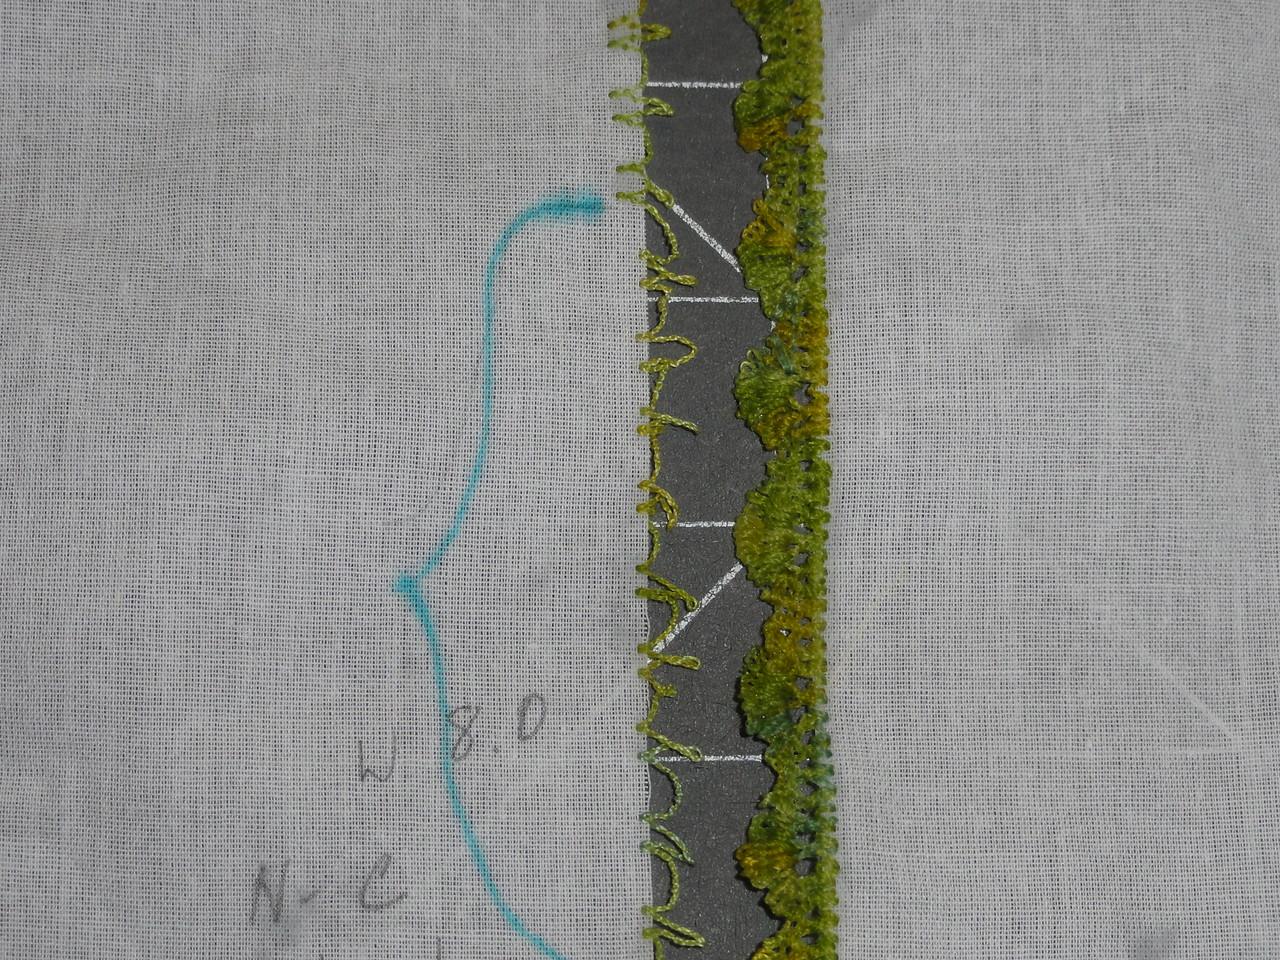 Bernina 830 stitches 733 and multi (right)